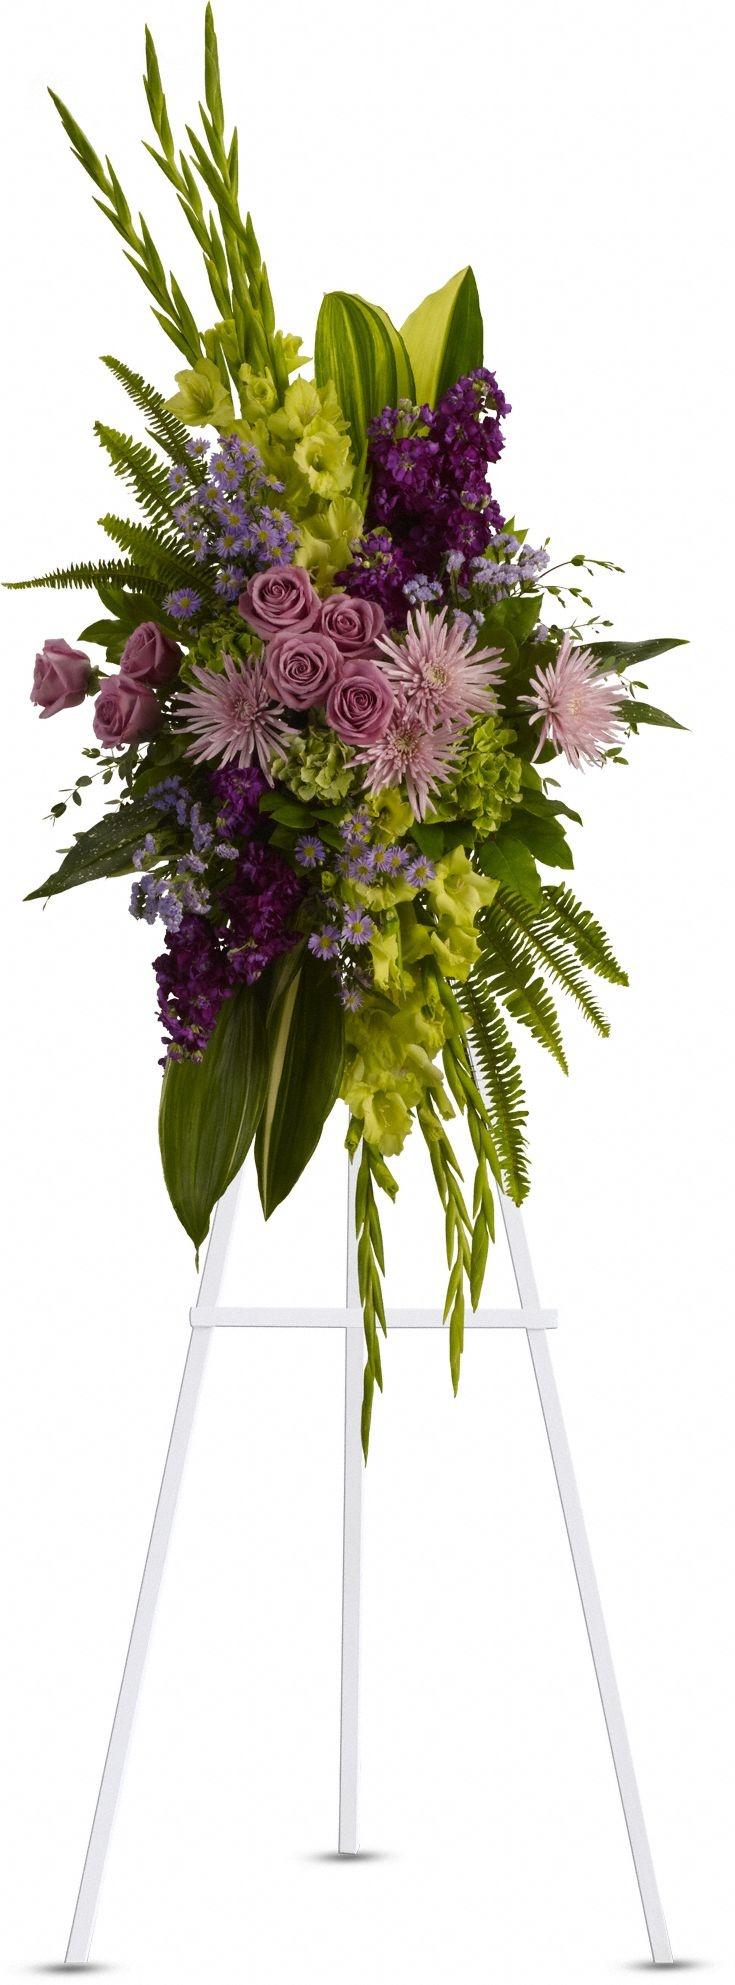 31 Best Funeral Flowers Images On Pinterest Floral Arrangements